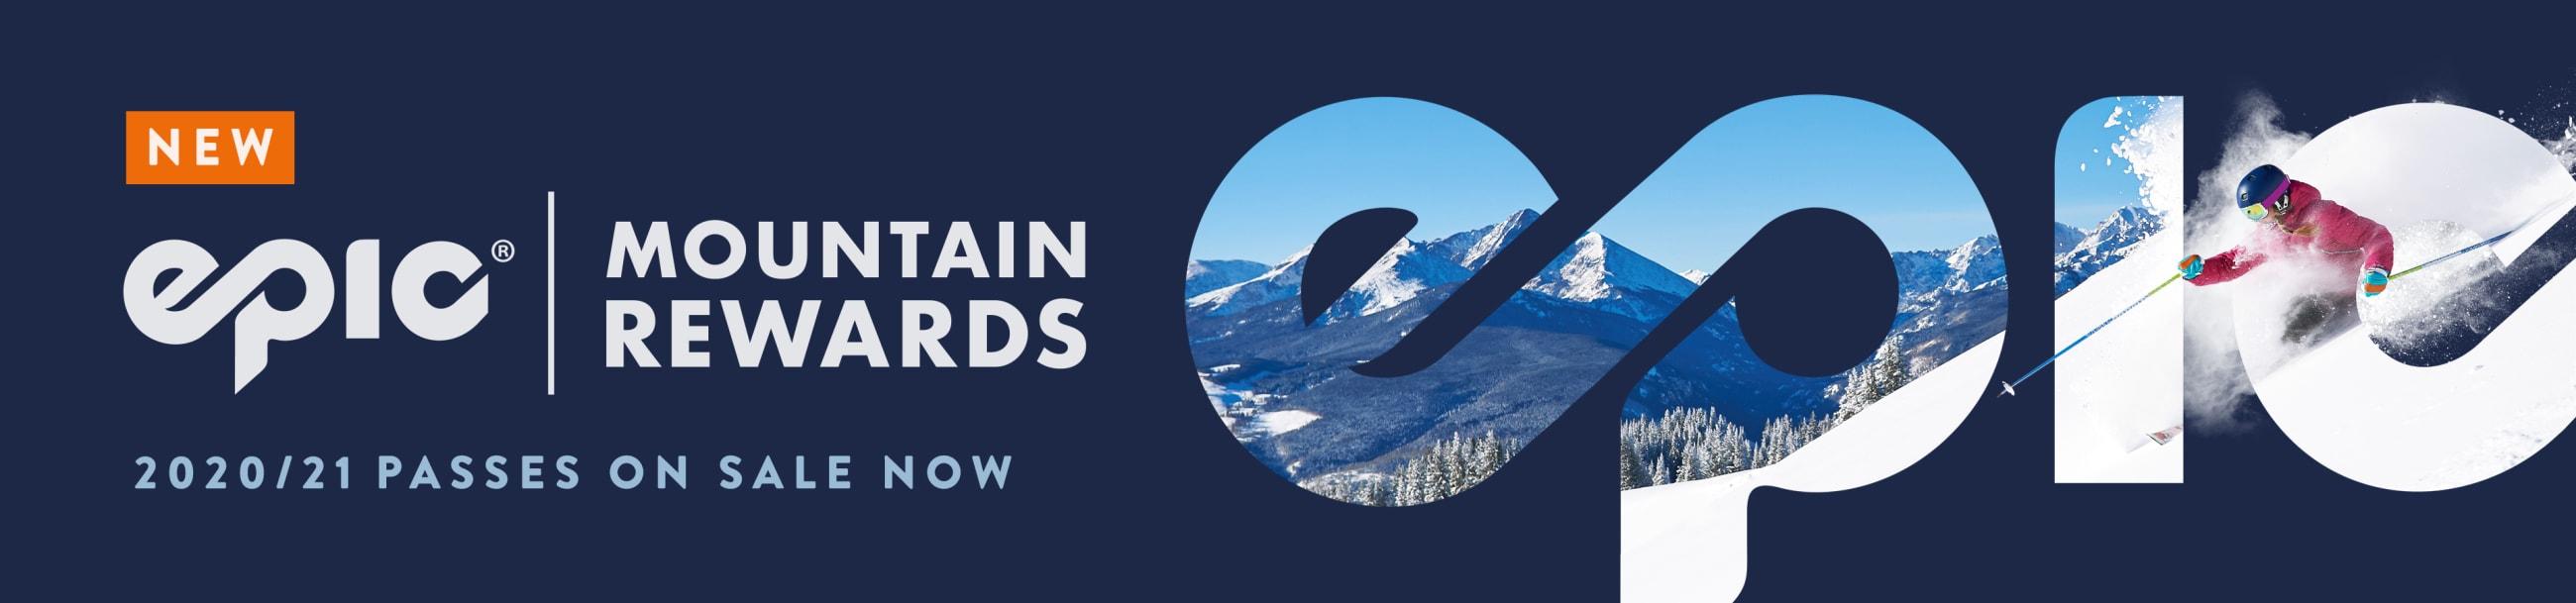 EPIC pas vanaf nu te koop voor seizoen 2020 2021 voor skigebieden Vail, Breckenridge, Beaver Creek, Park City, Whistler en vele anderen. 1 skipas voor 80 gebieden